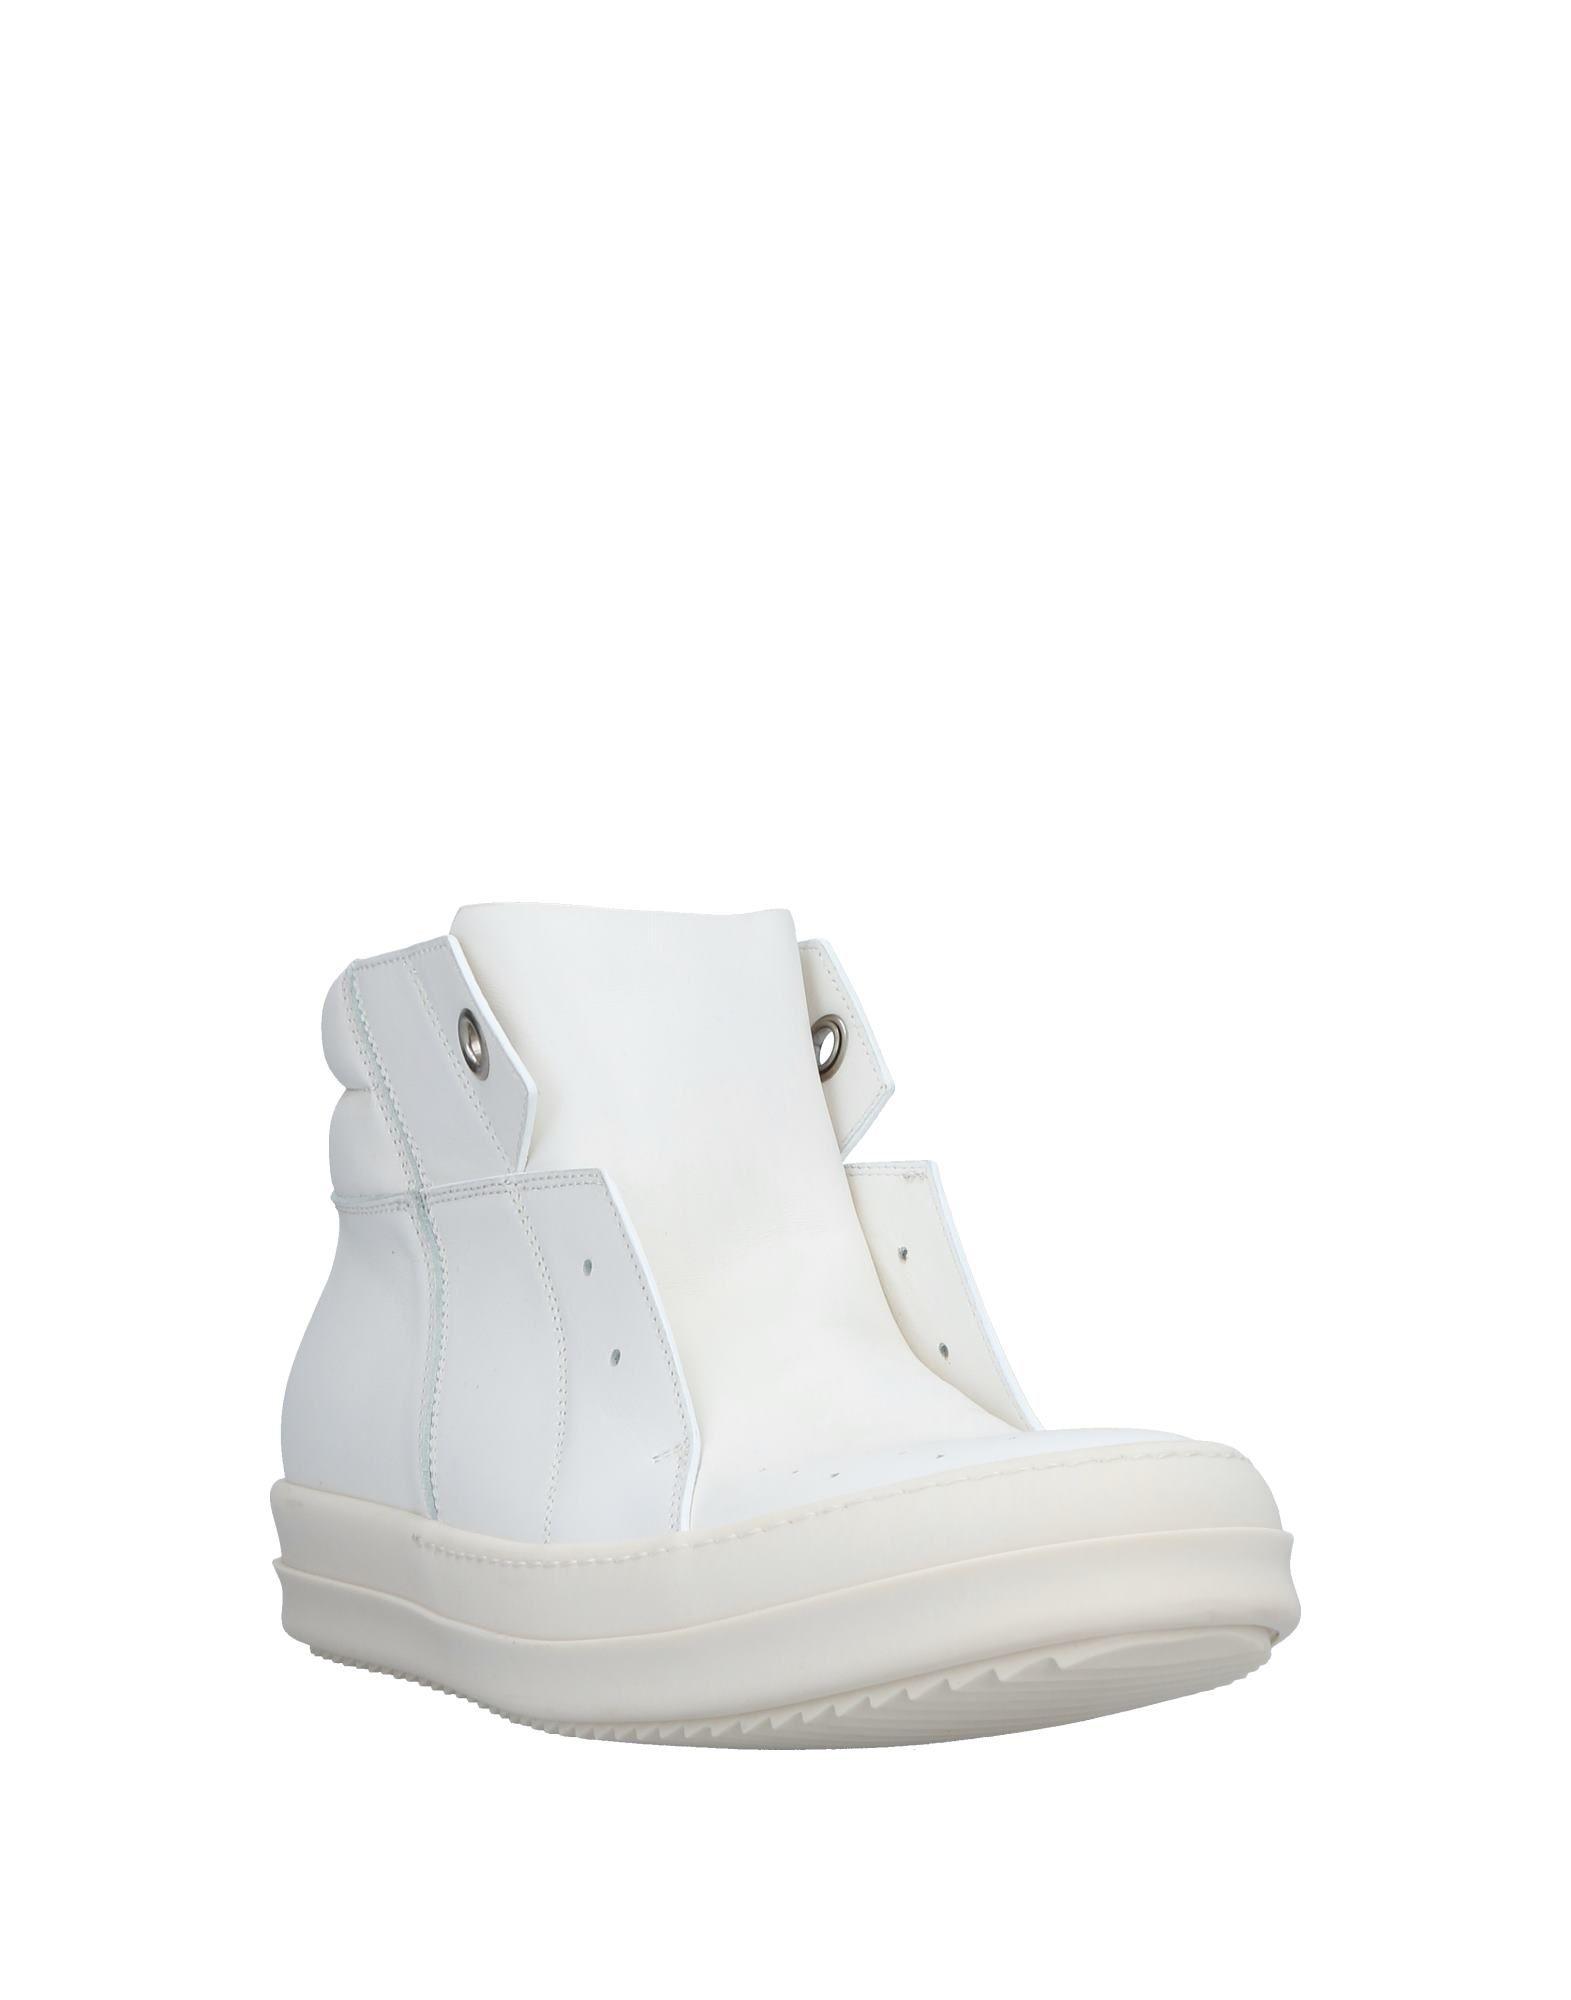 Rick 11517903KK Owens Sneakers Herren  11517903KK Rick Gute Qualität beliebte Schuhe 04bb23